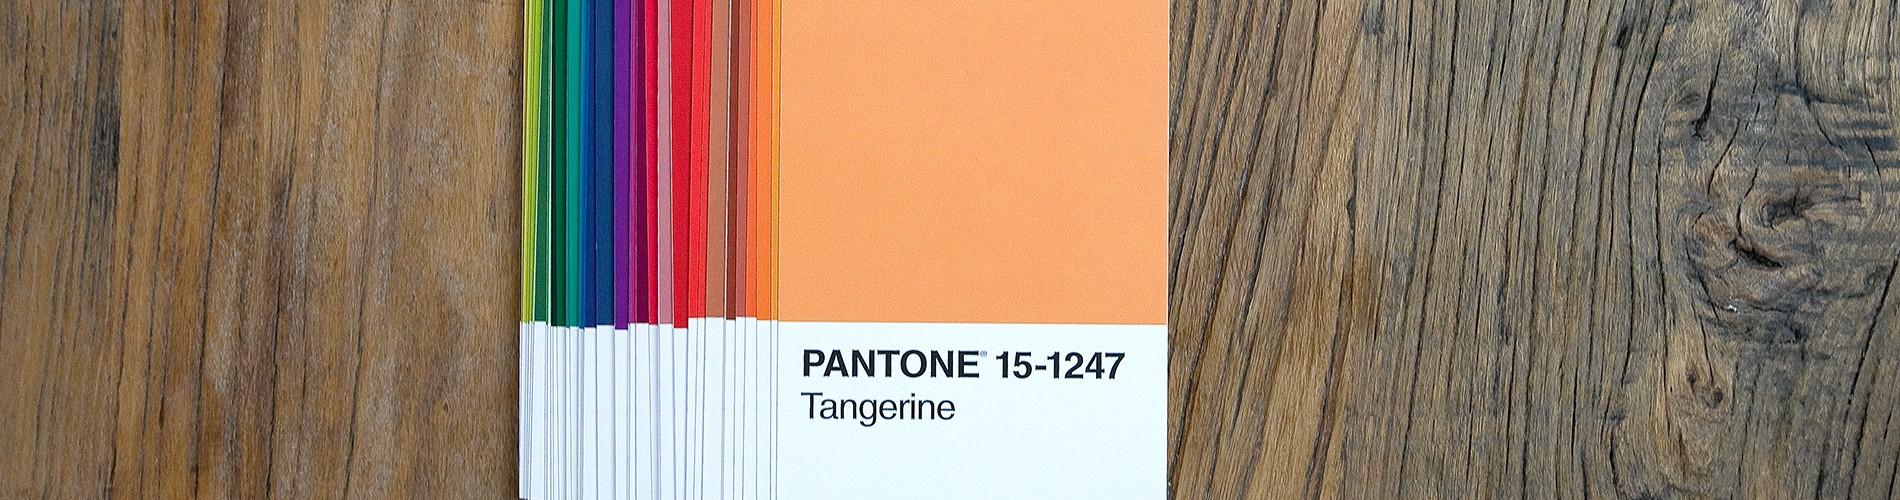 Pantone-portofolioopt